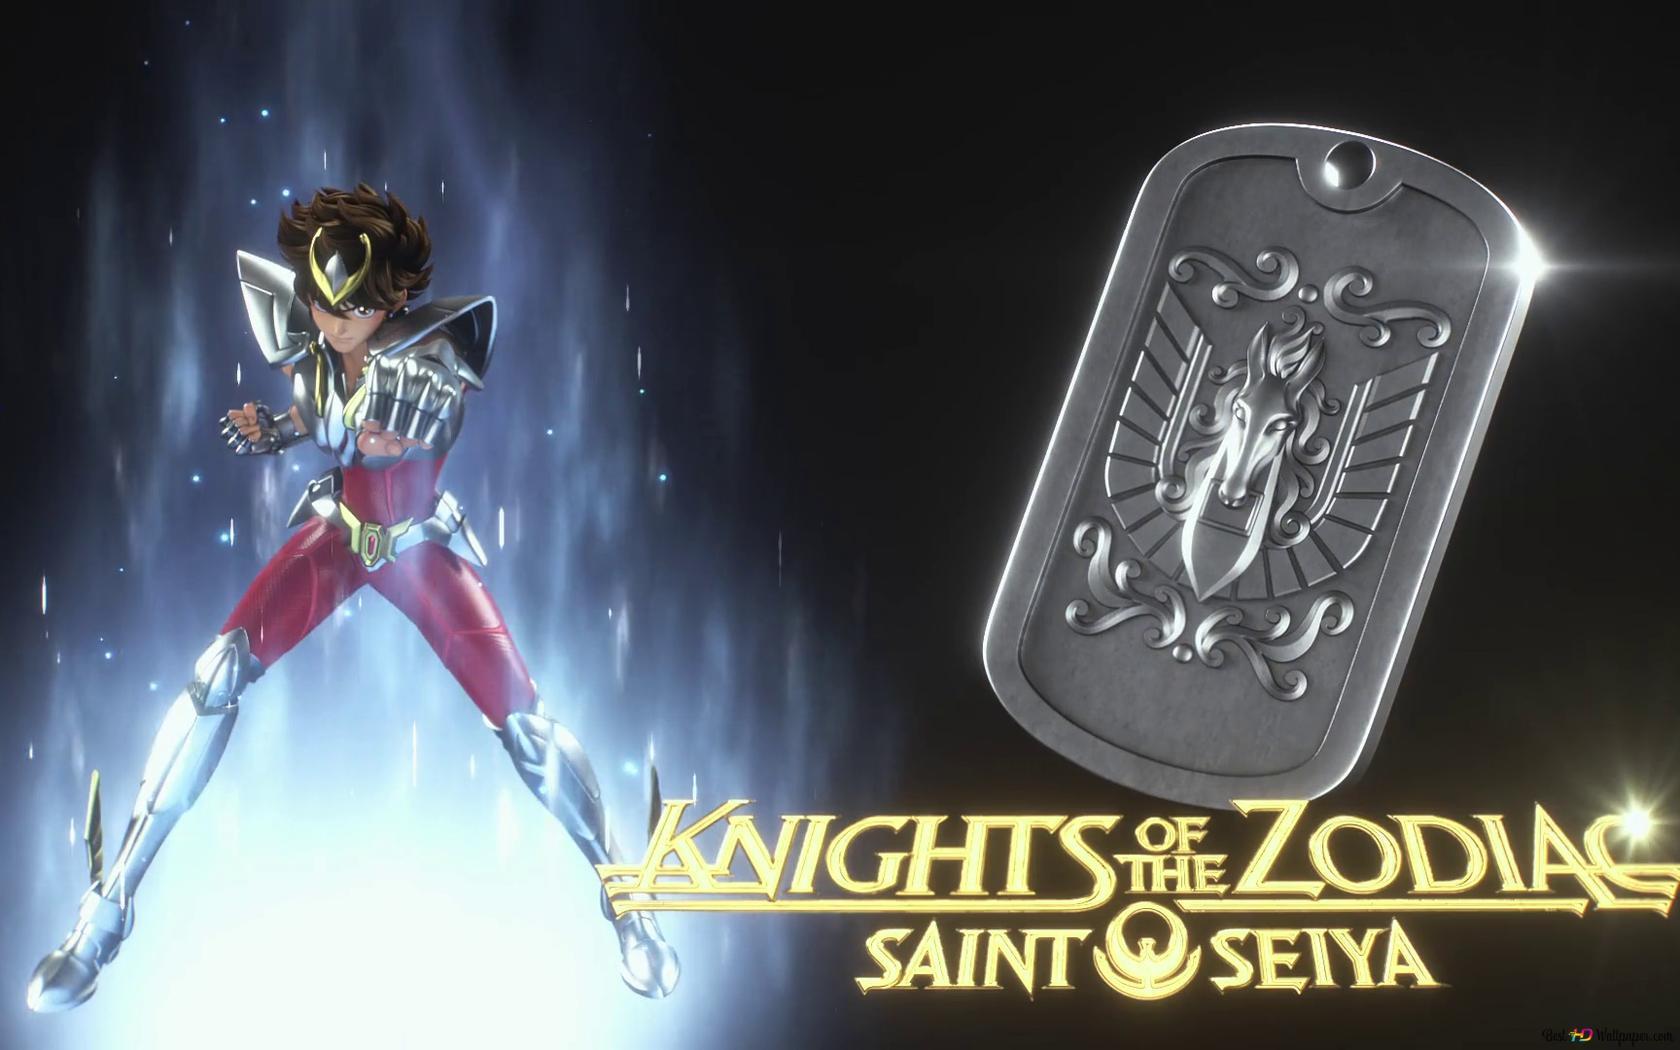 ゾディアックの騎士 聖闘士星矢 聖闘士星矢 Hd壁紙のダウンロード